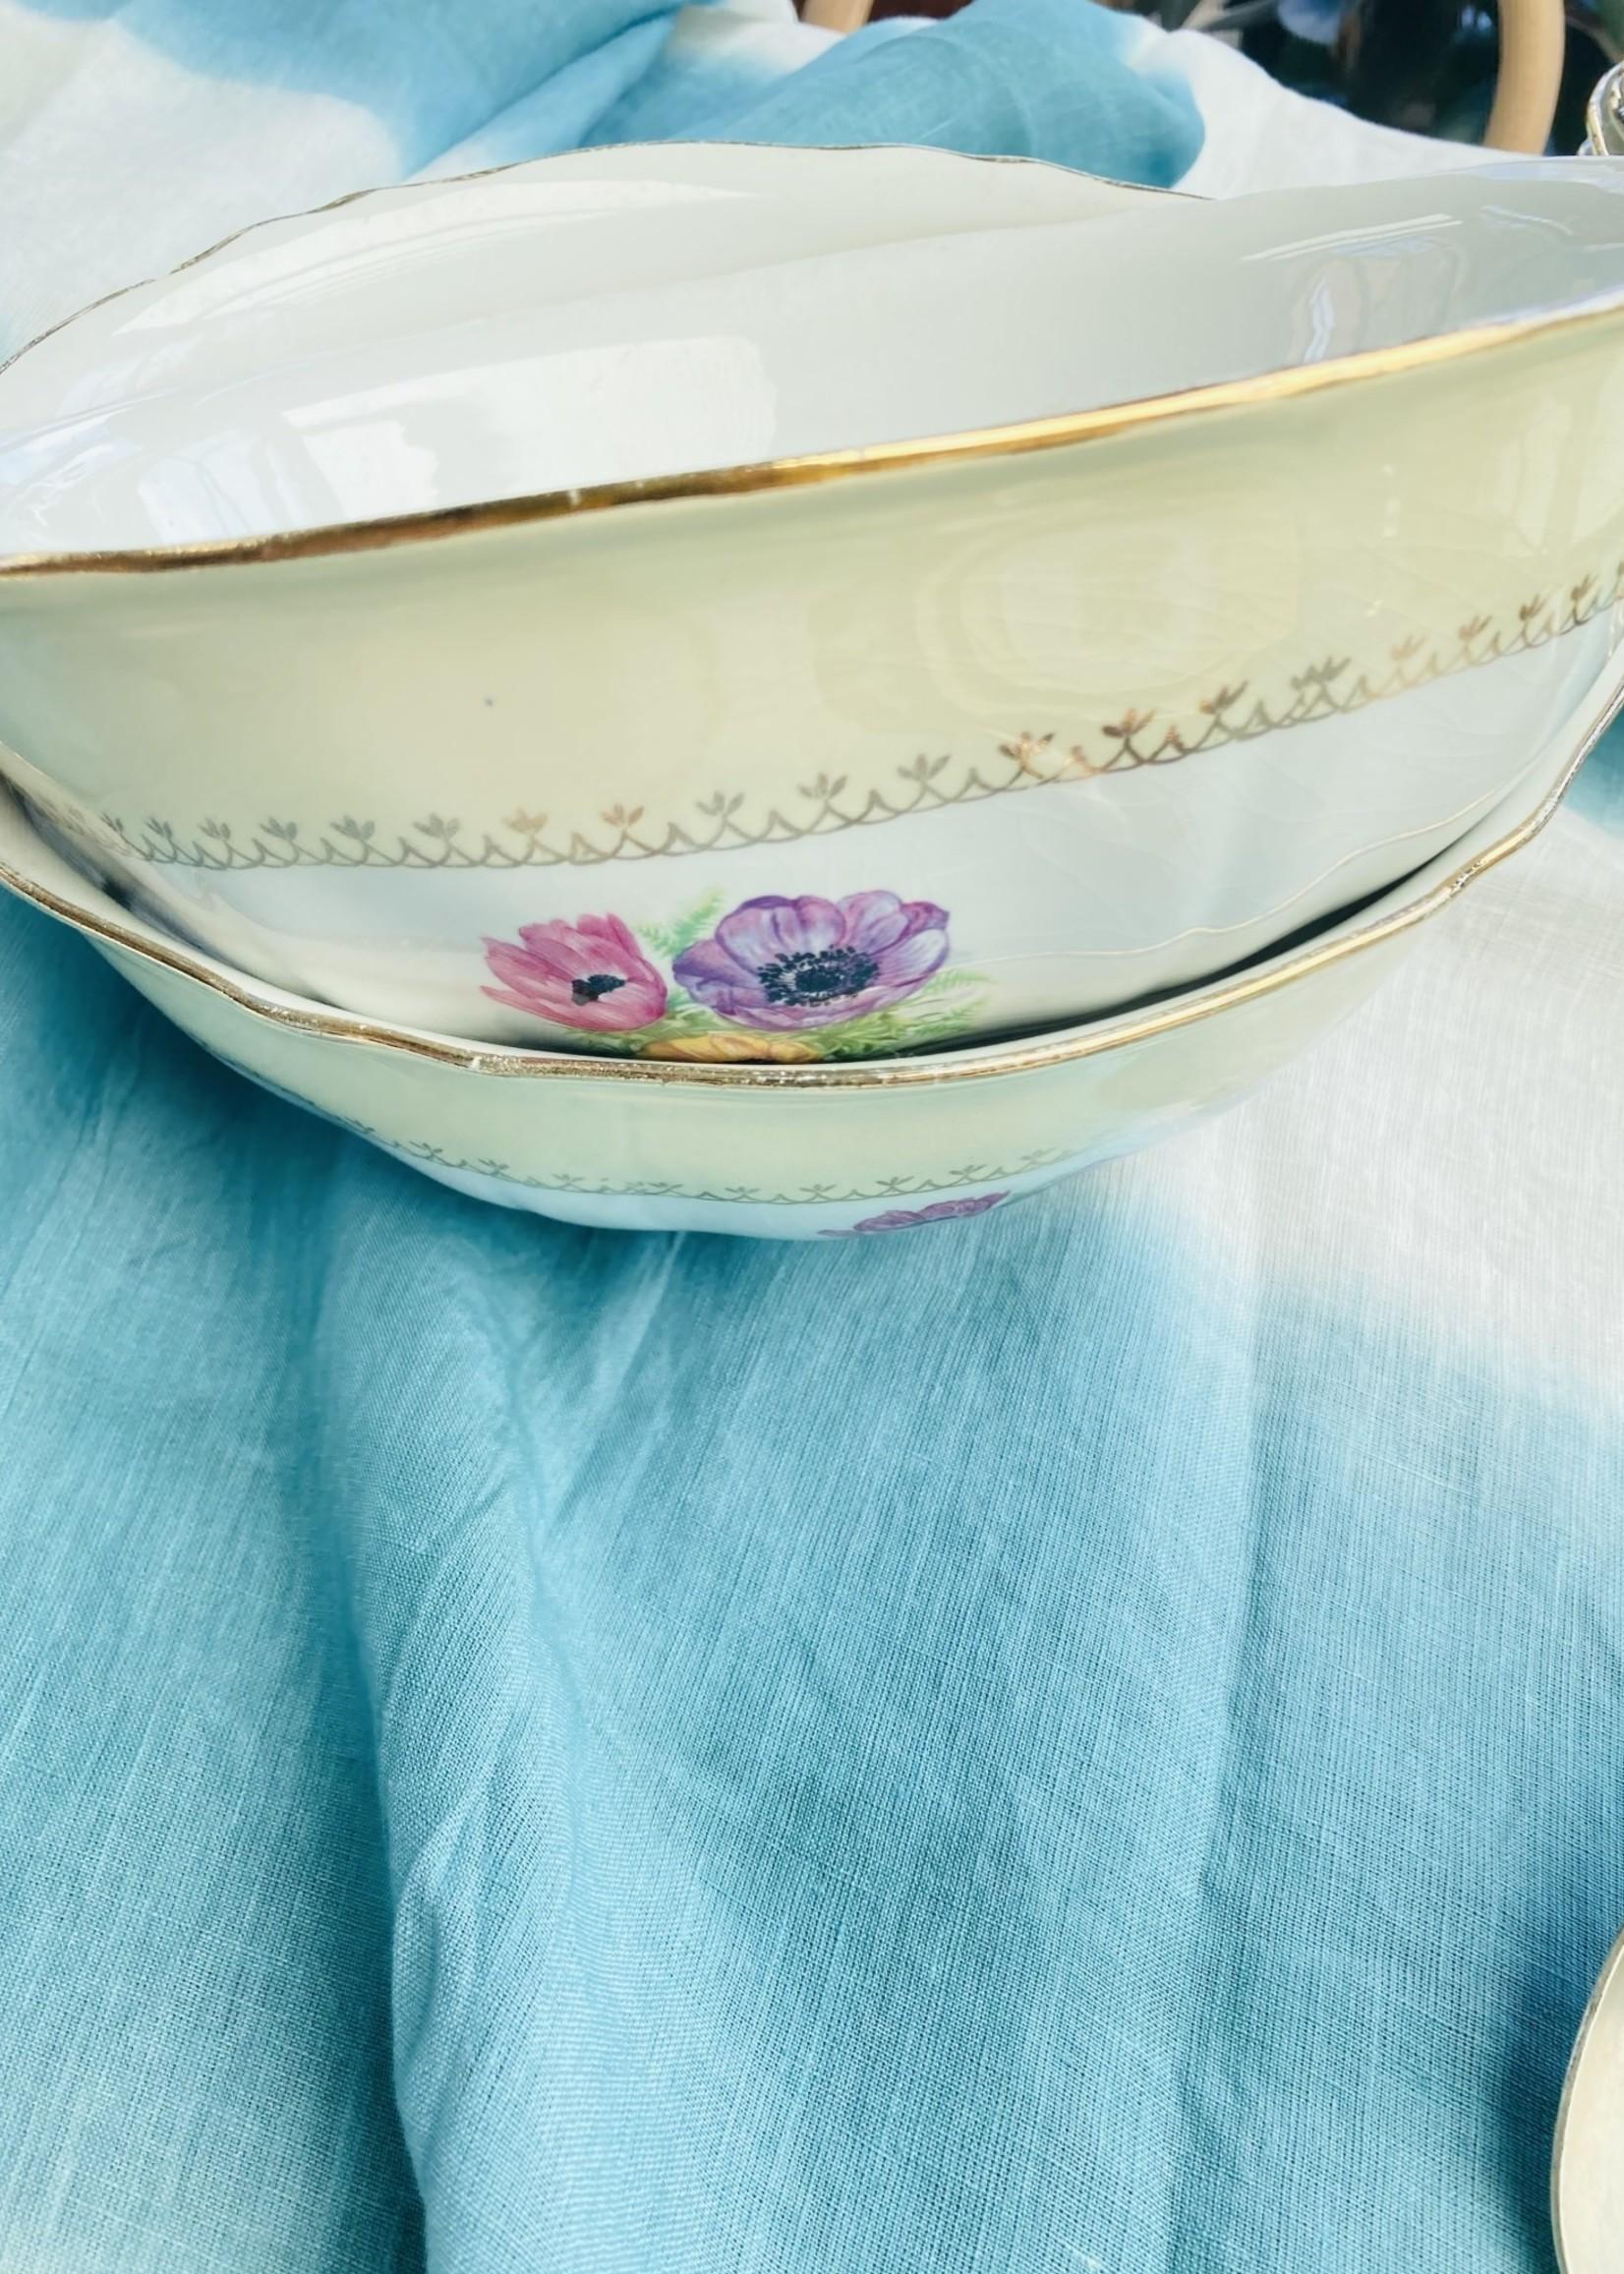 Set of 2 Salad bowls Amandinoise model Coopelia